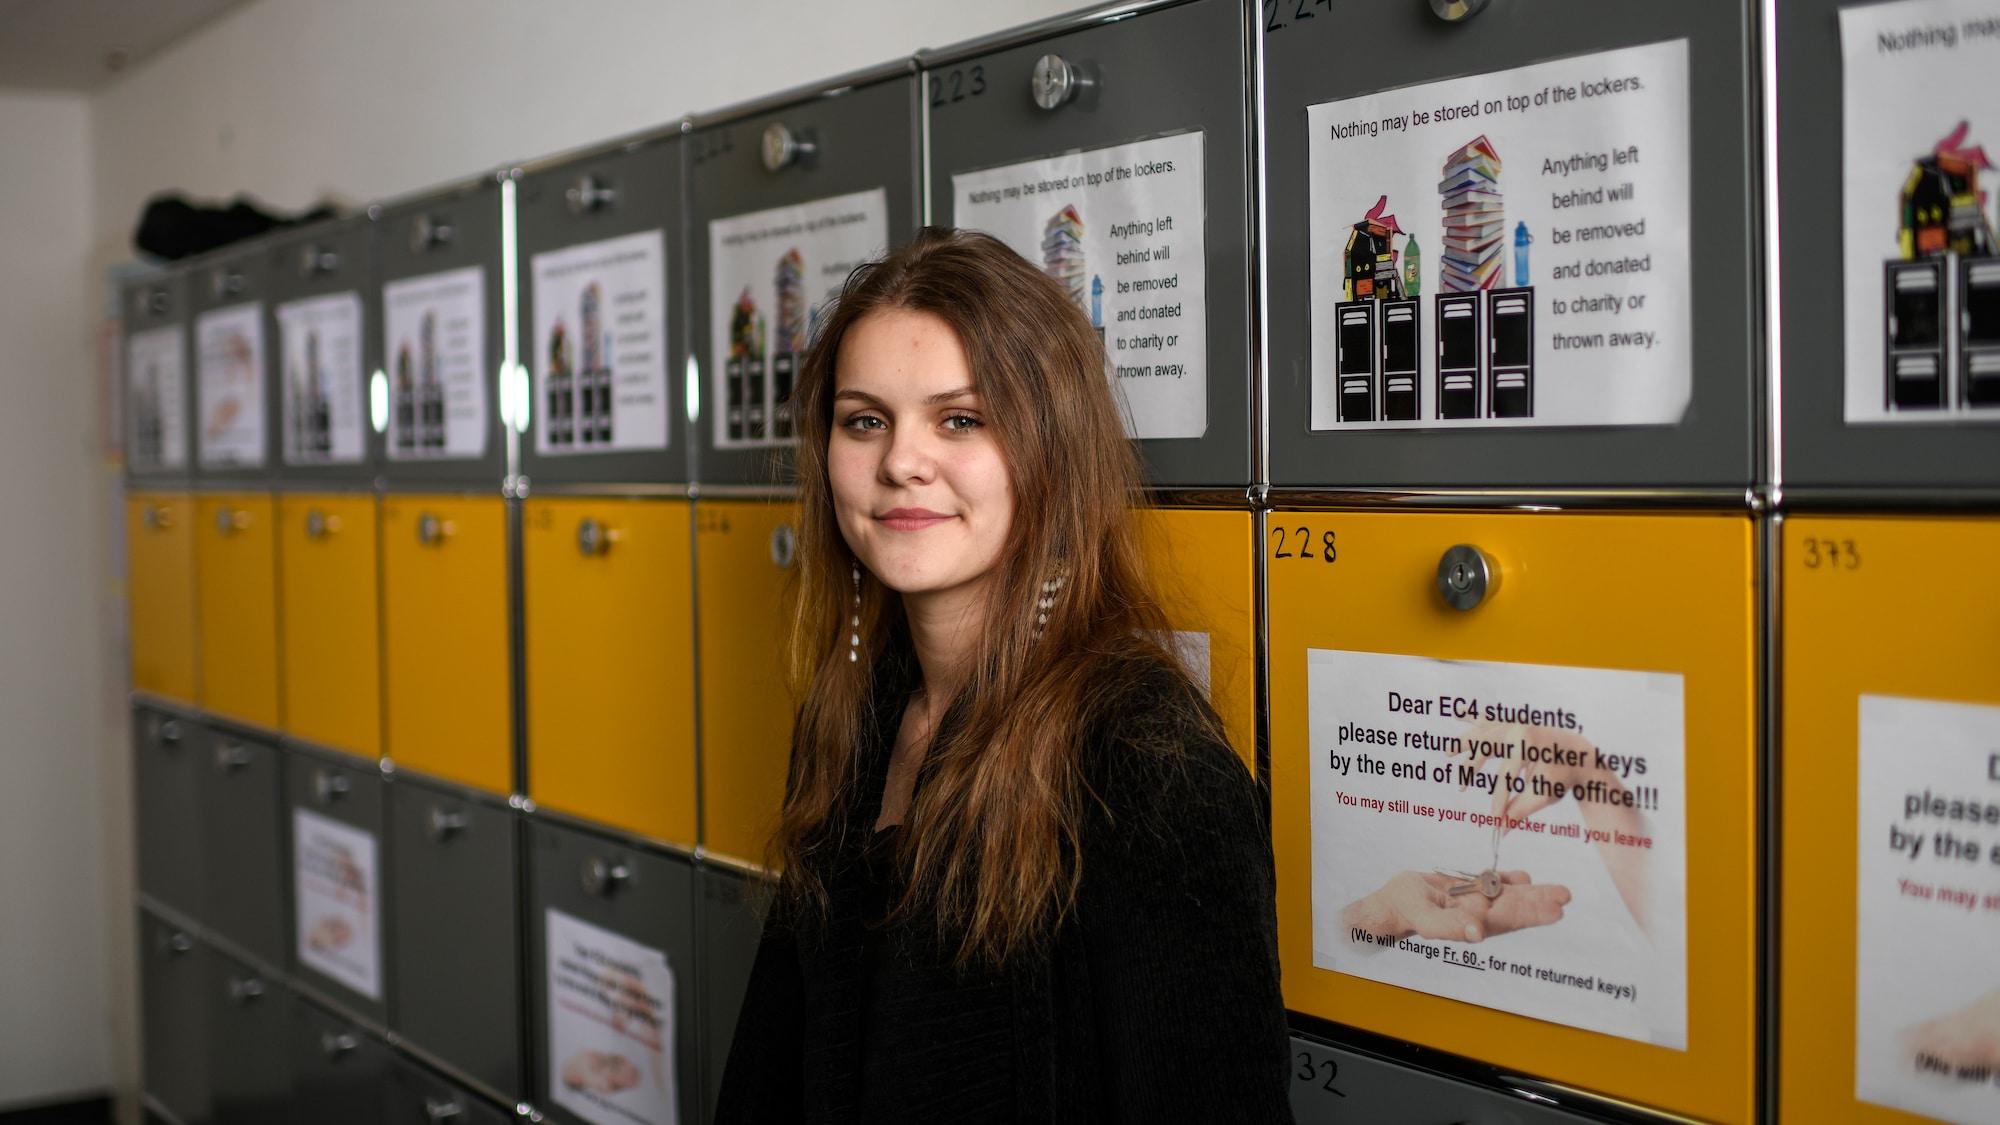 Sophie Bellefeuille (19) wechselte an englische Privatschule in Zürich: Für 120'000 Franken Elite-Uni statt Sek B